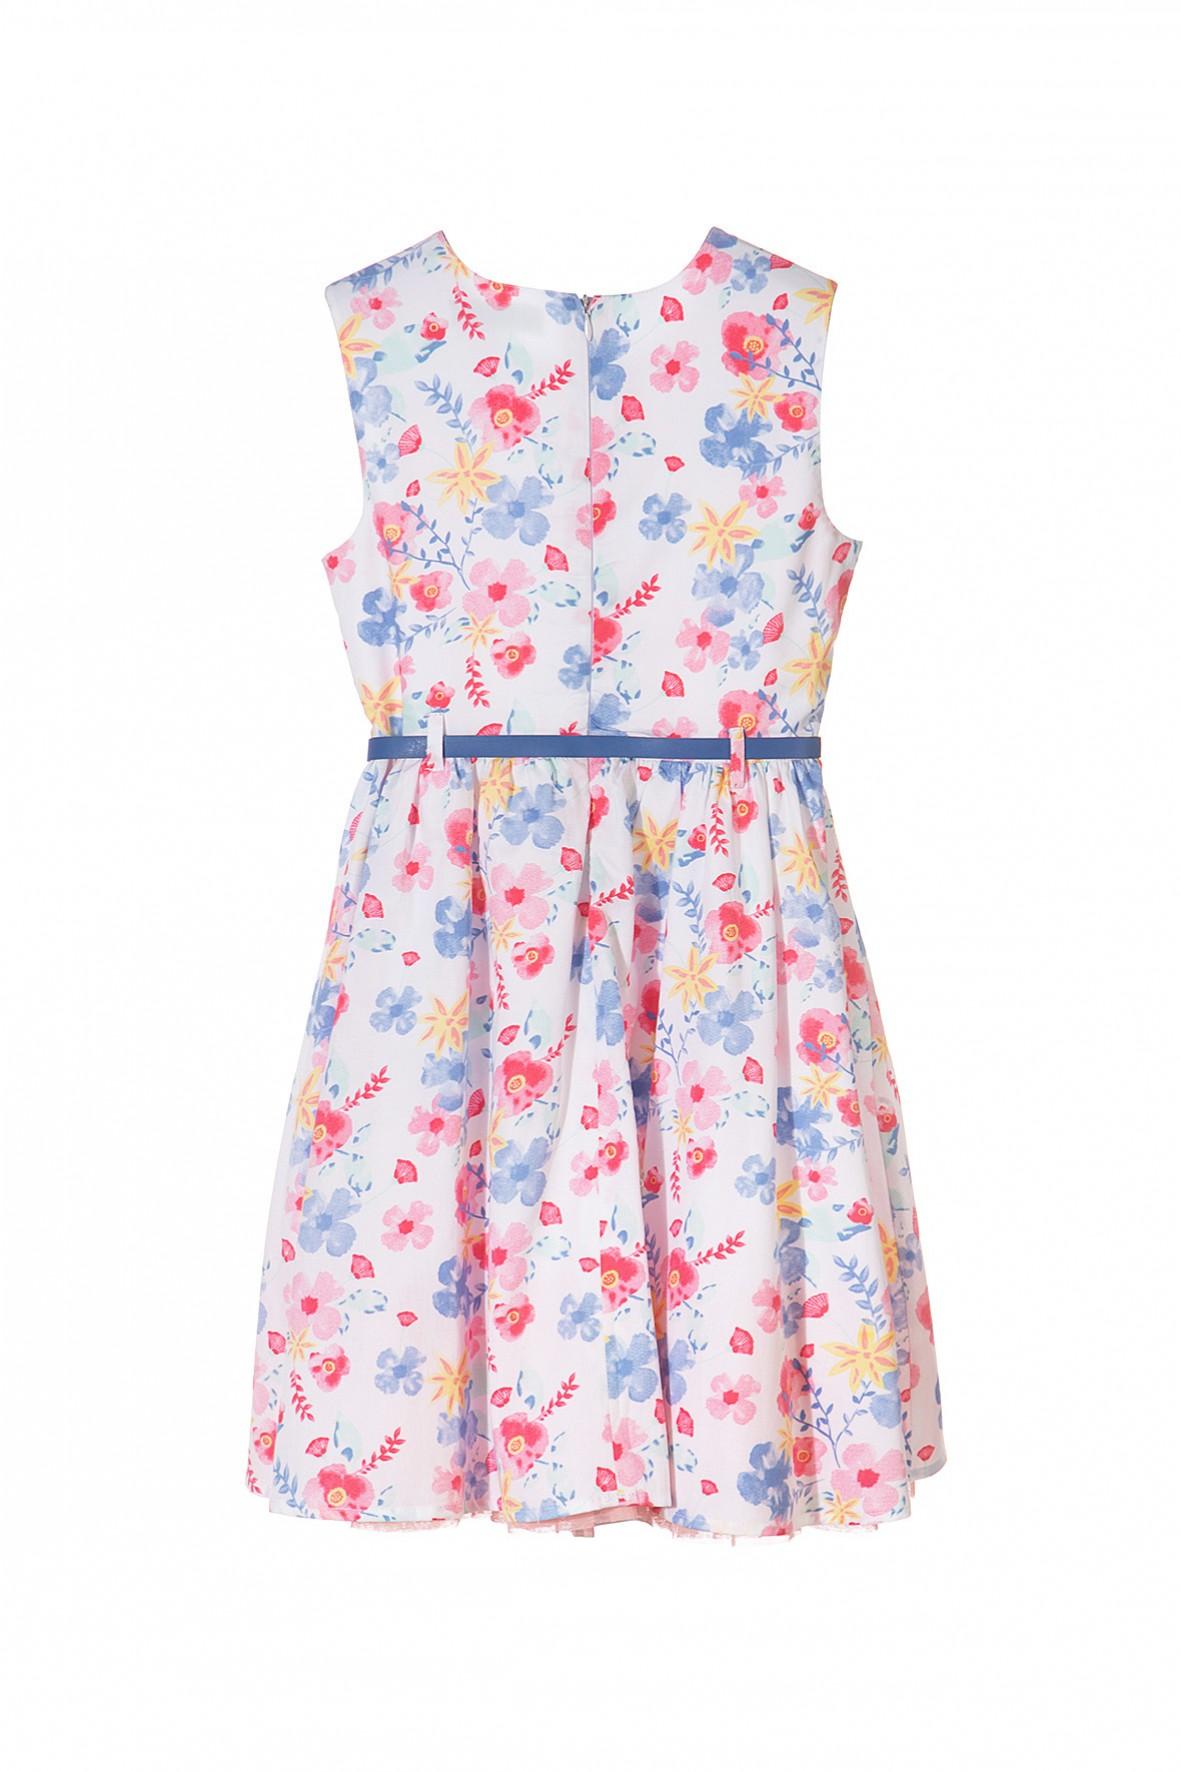 c79fe10936 Elegancka sukienka w kwiaty dla dziewczynki- ubranie na specjalne okazje